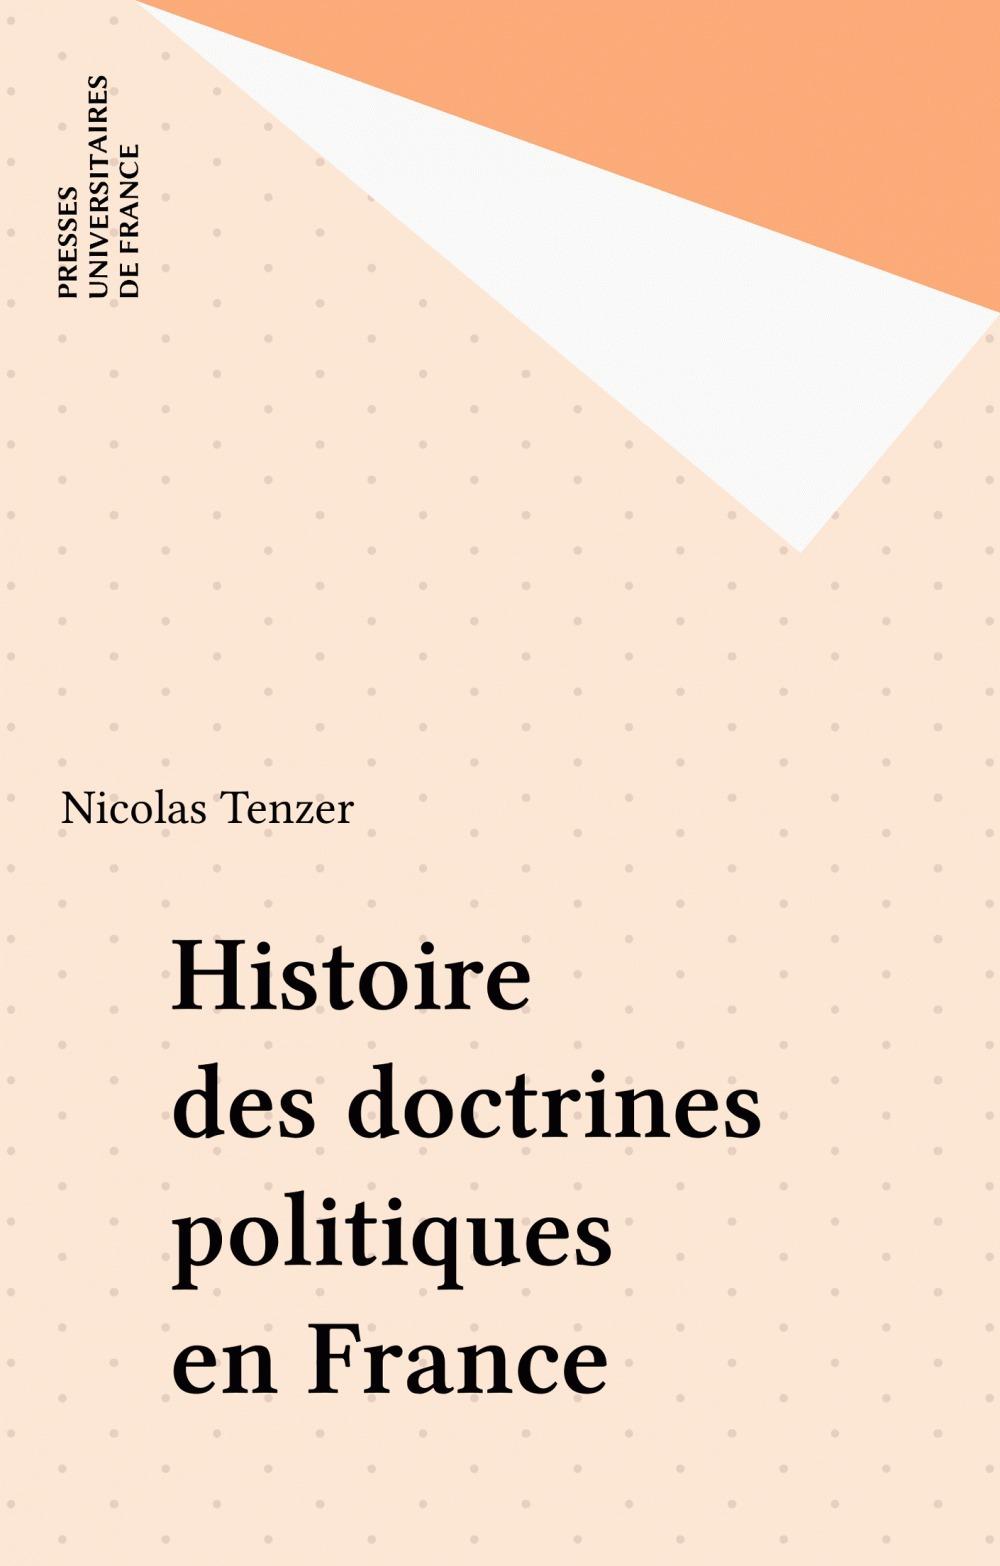 Histoire des doctrines politique en France